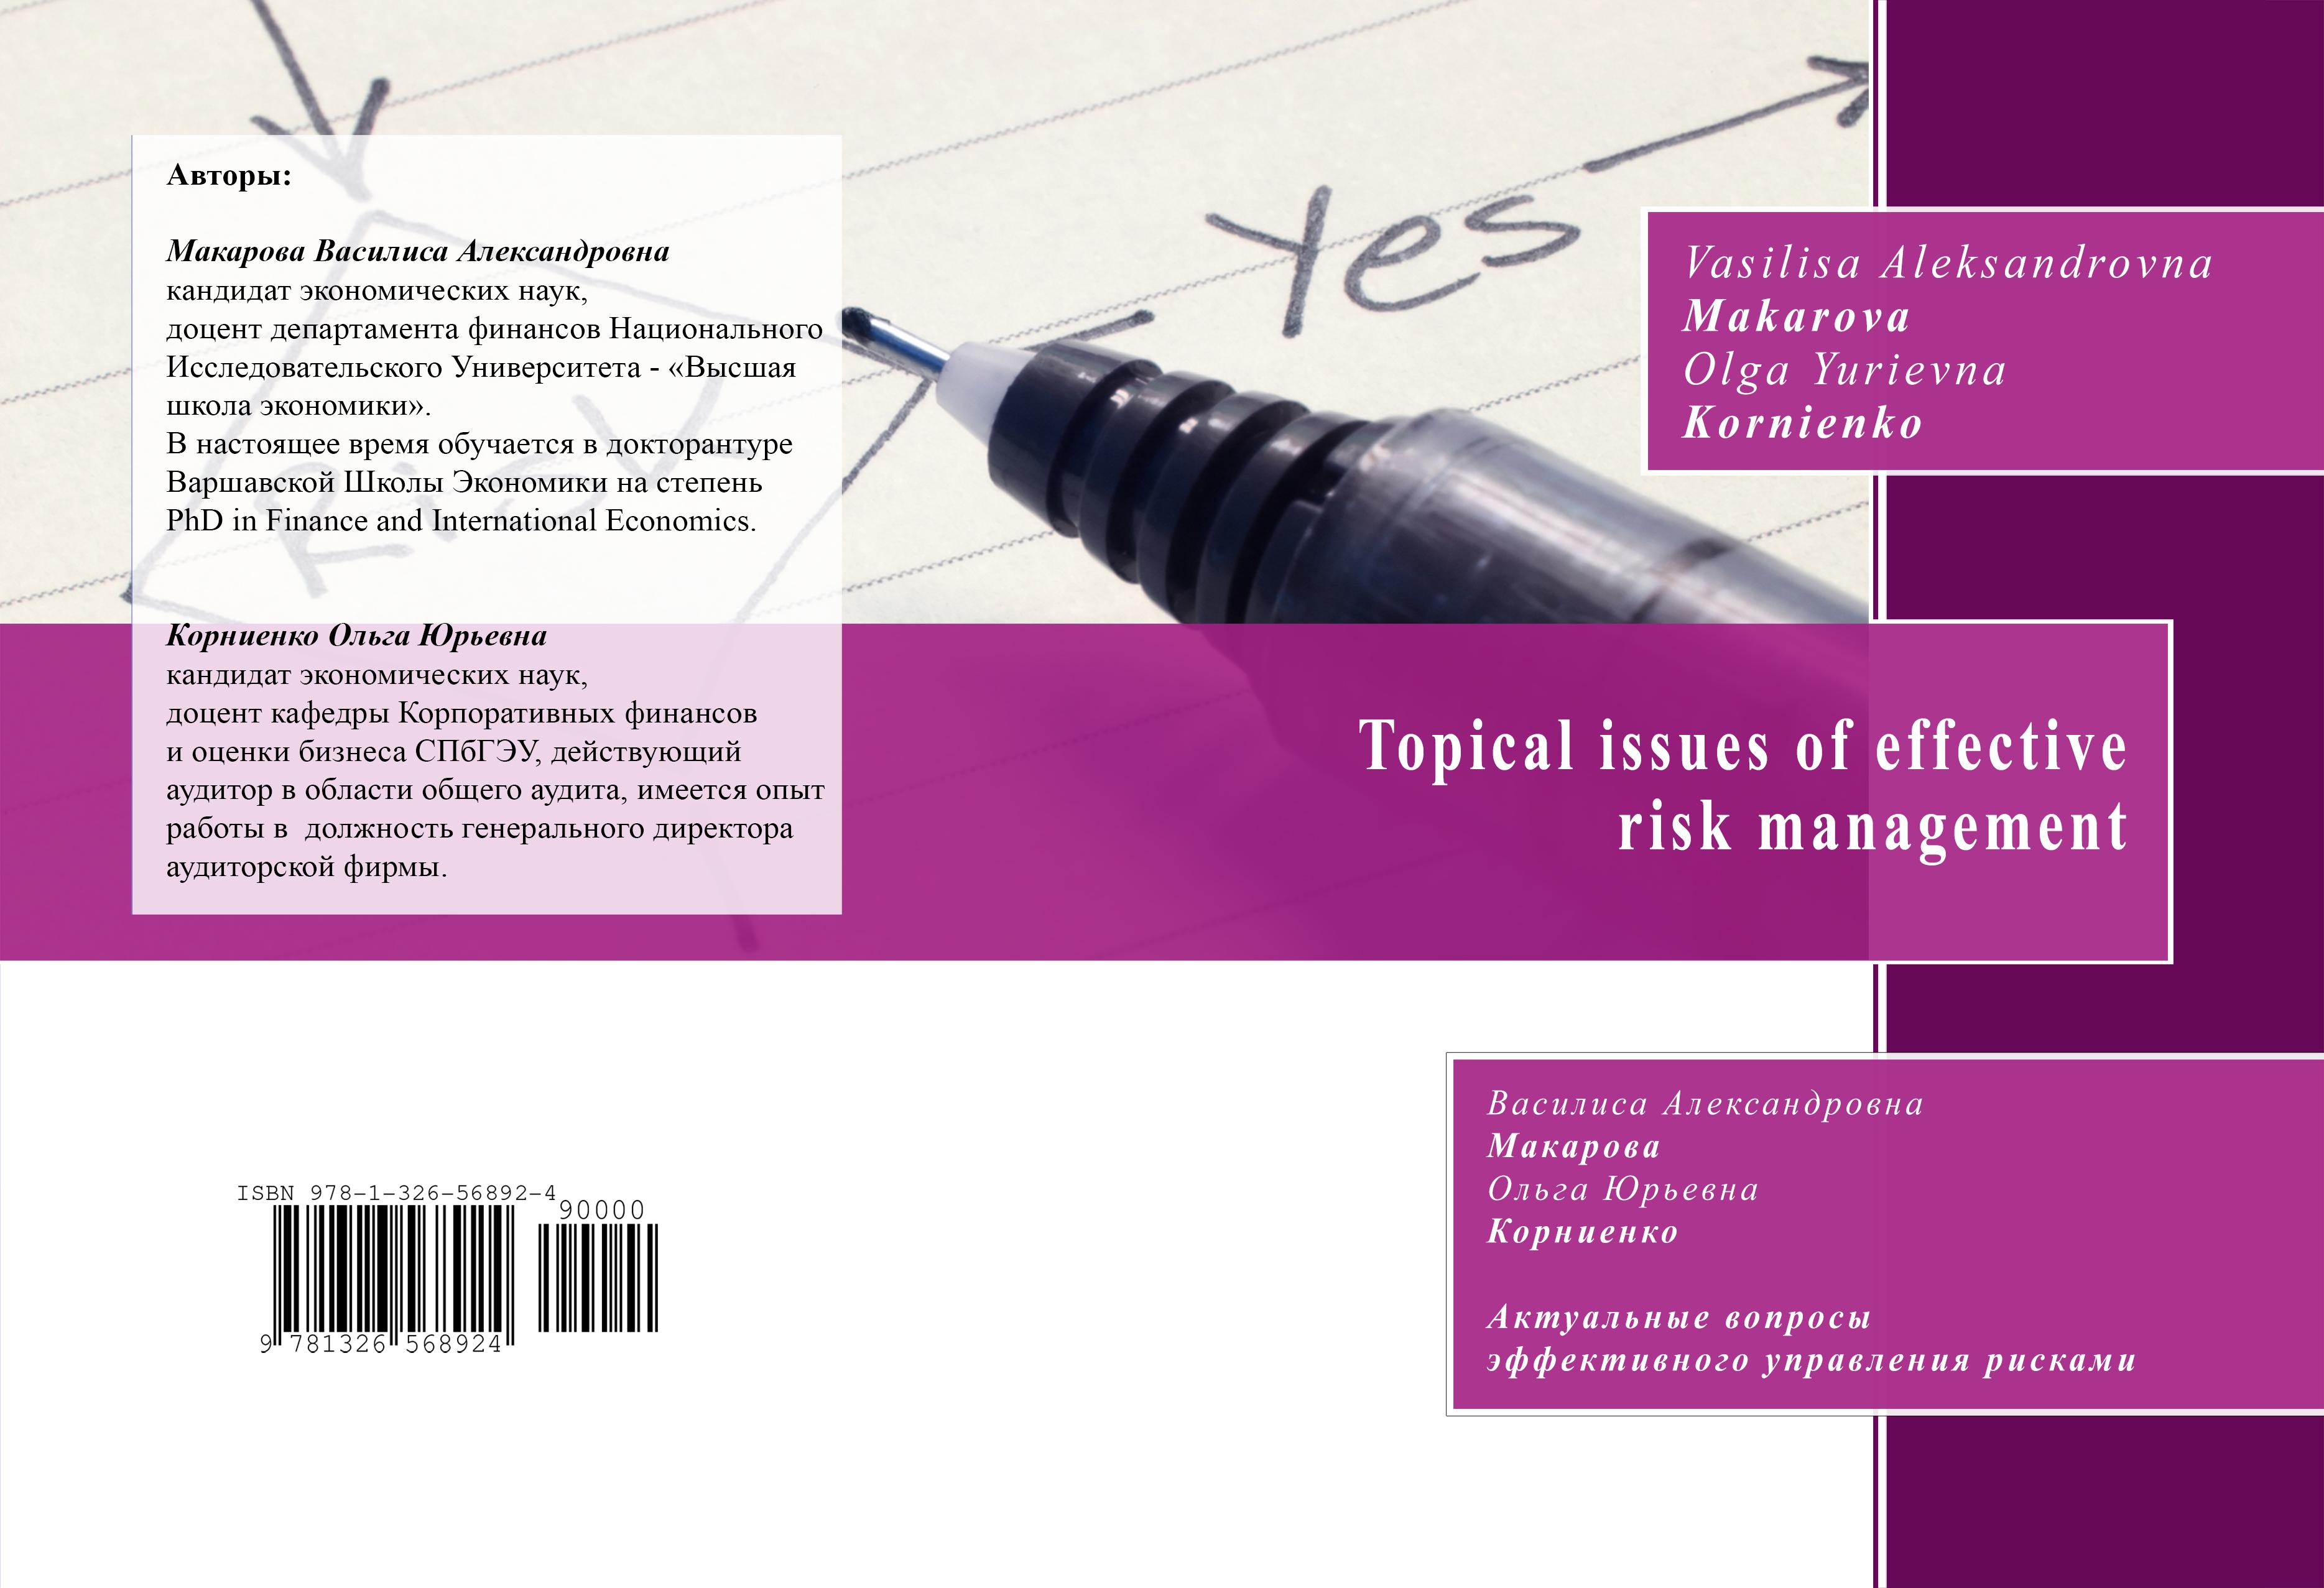 Актуальные вопросы эффективного управления рисками/ Topical issues of effective risk management